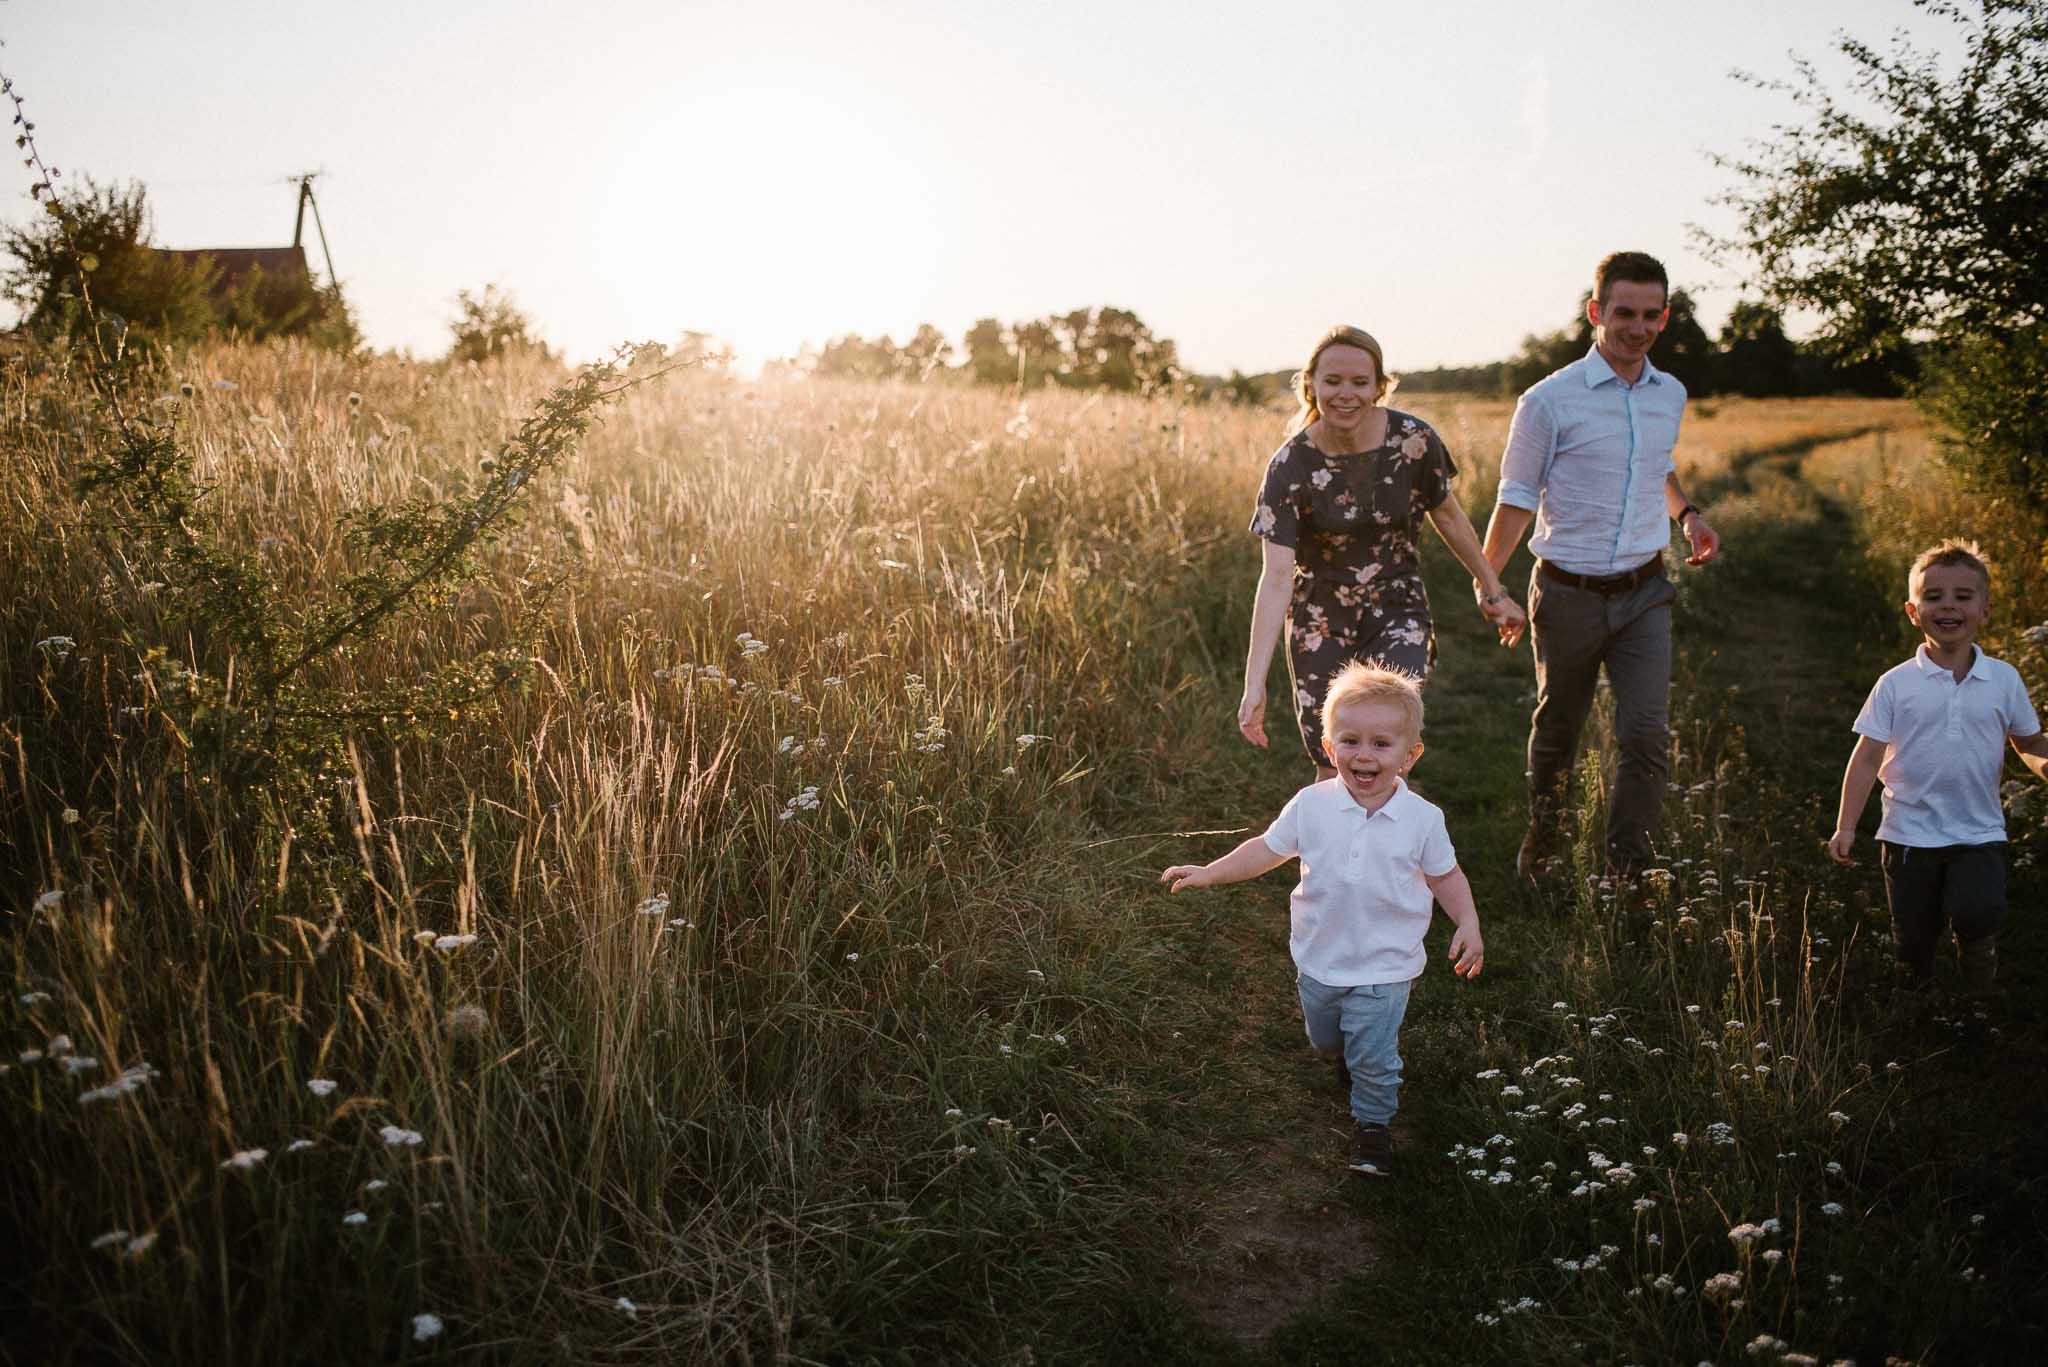 Rodzina biegnie polną drogą - sesja rodzinna w plenerze na łące w Poznaniu